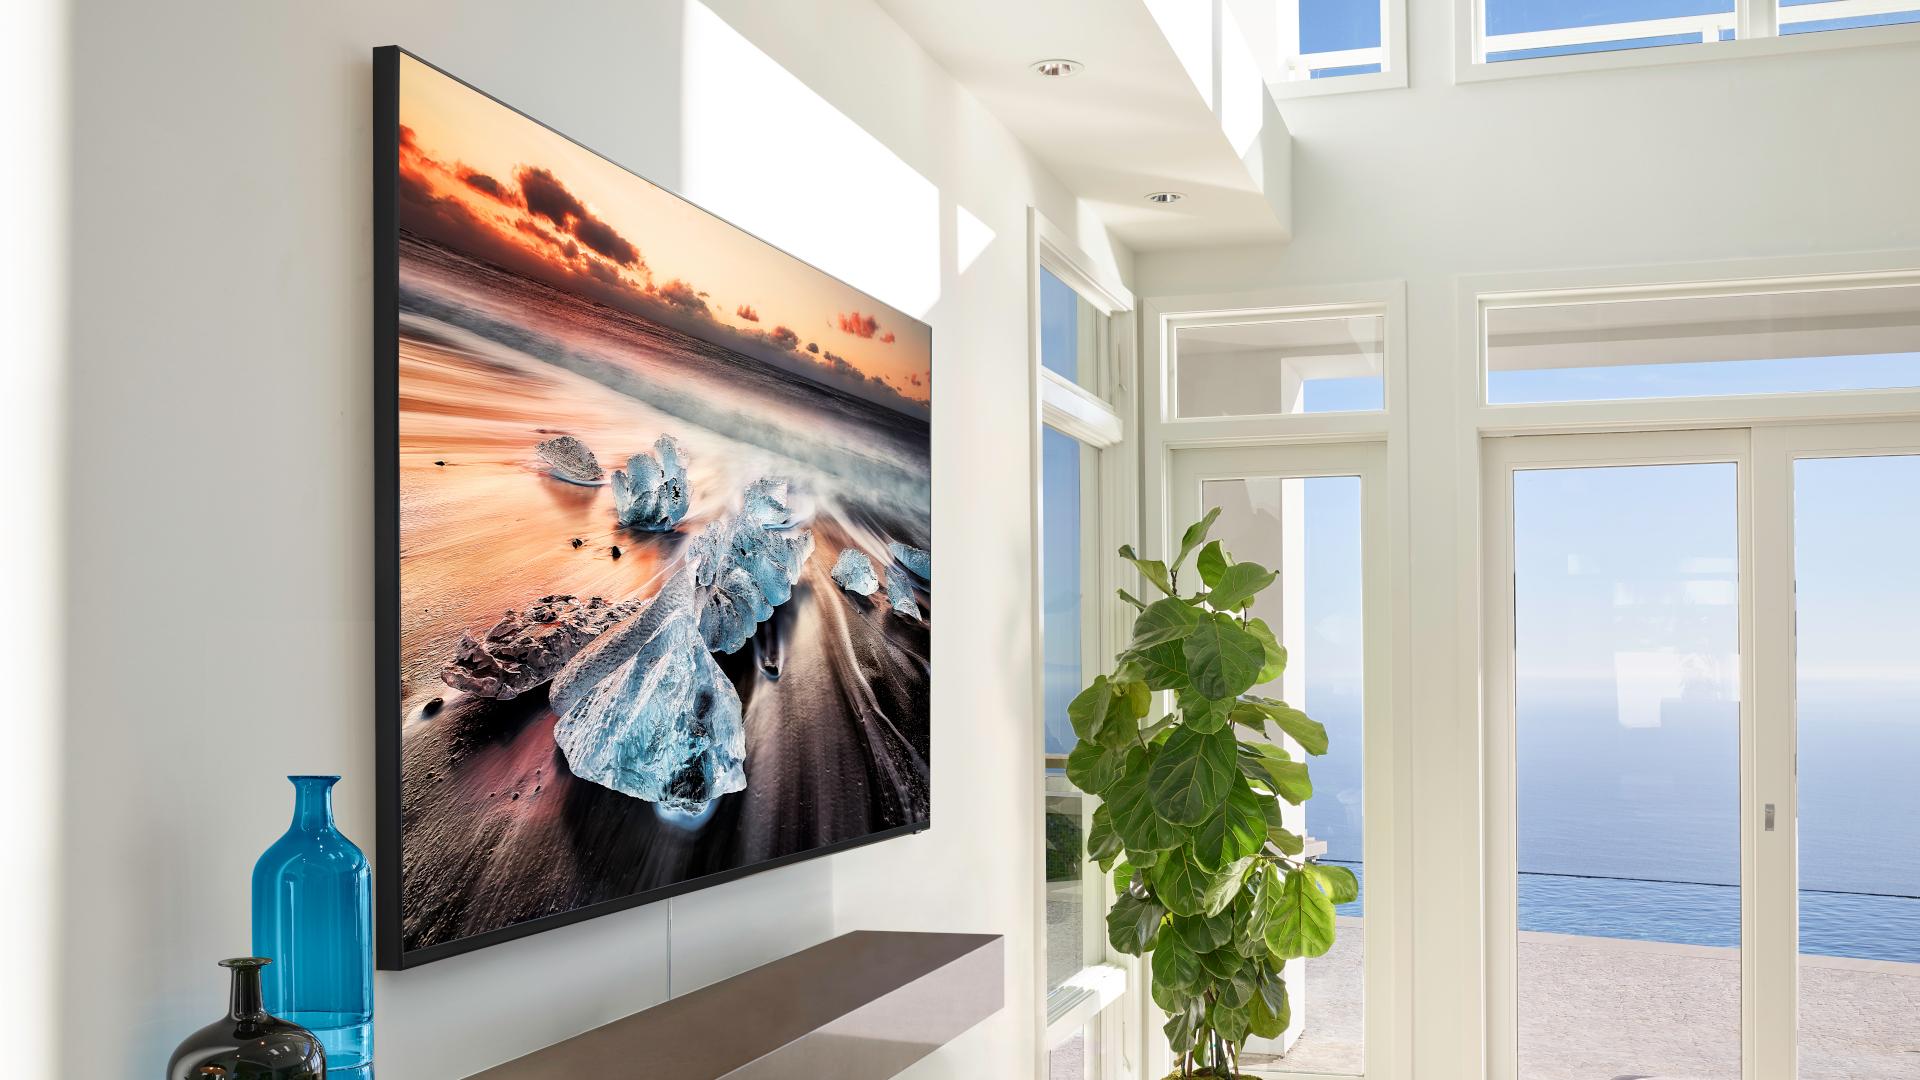 Samsung TV 2020: každý nový QLED a LED televízor Samsung prichádza tento rok 9